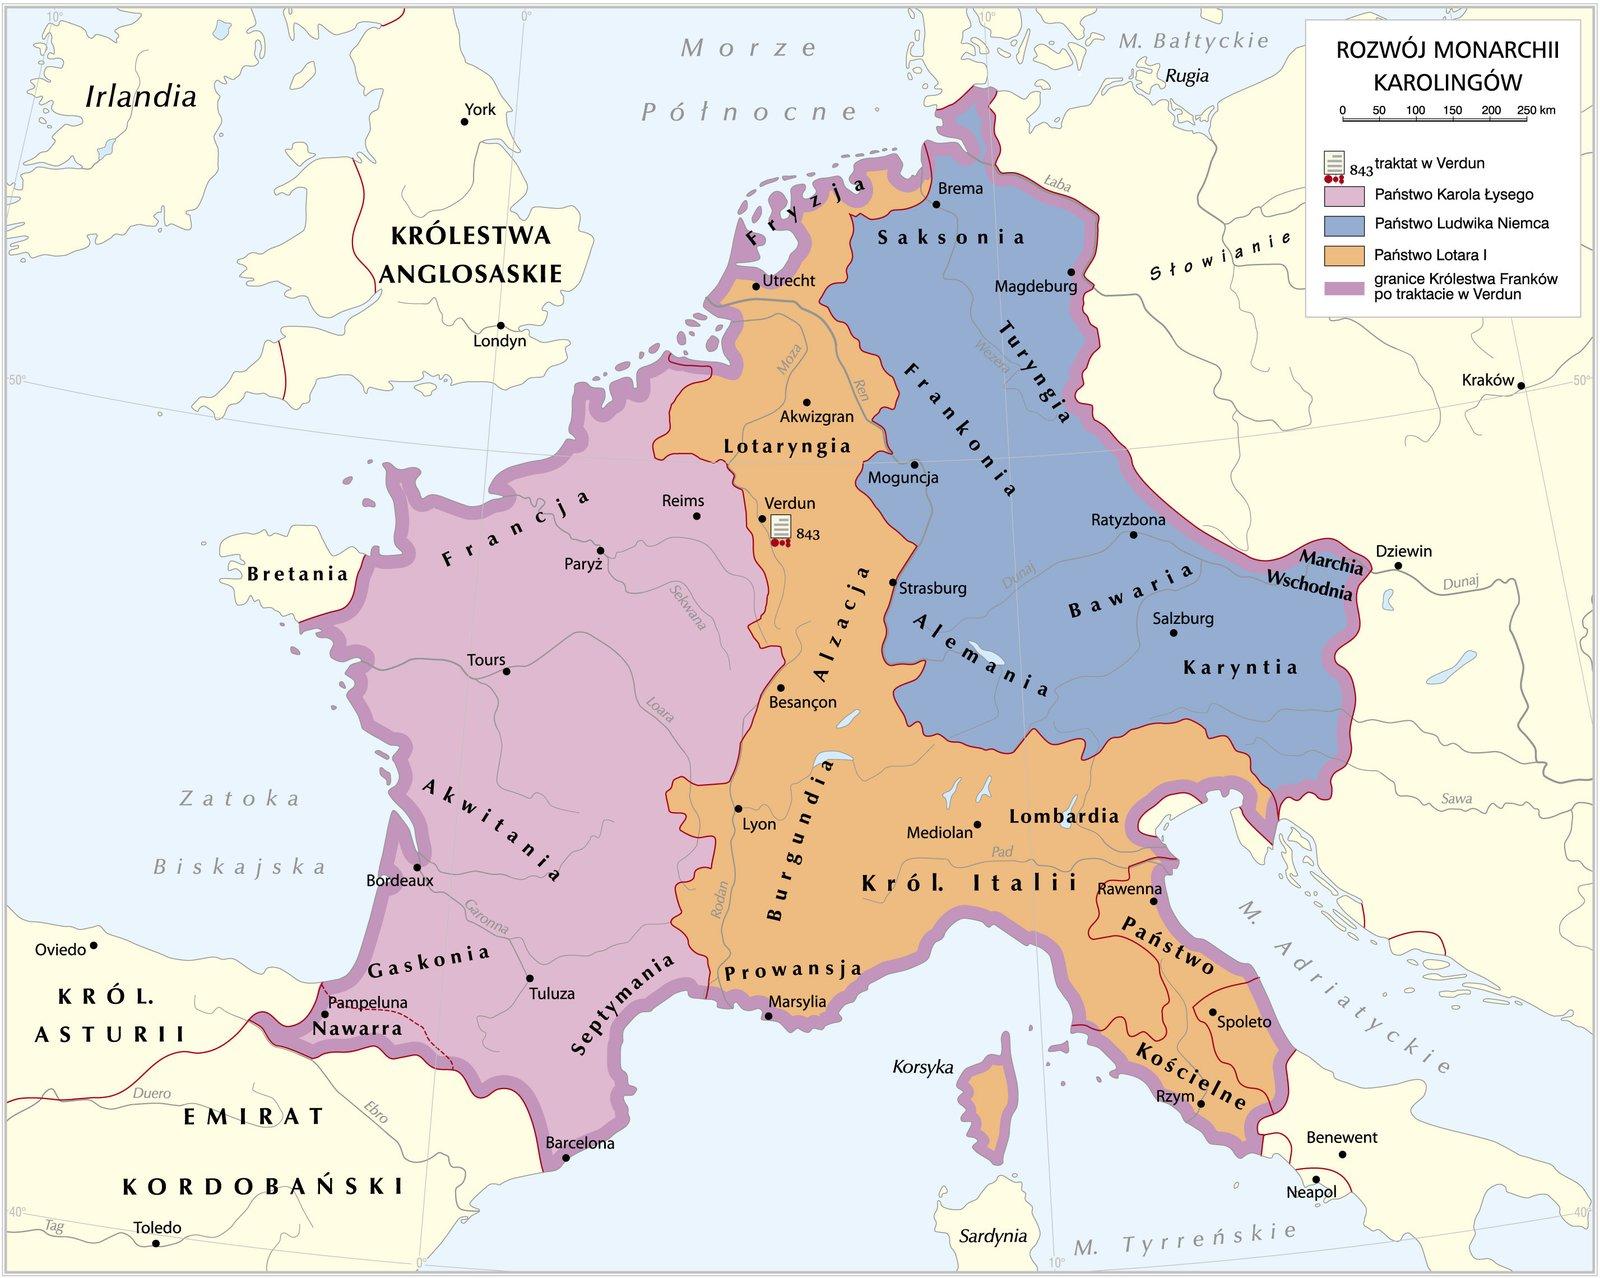 mapamonarchiikarolingów po traktacie zVerdun